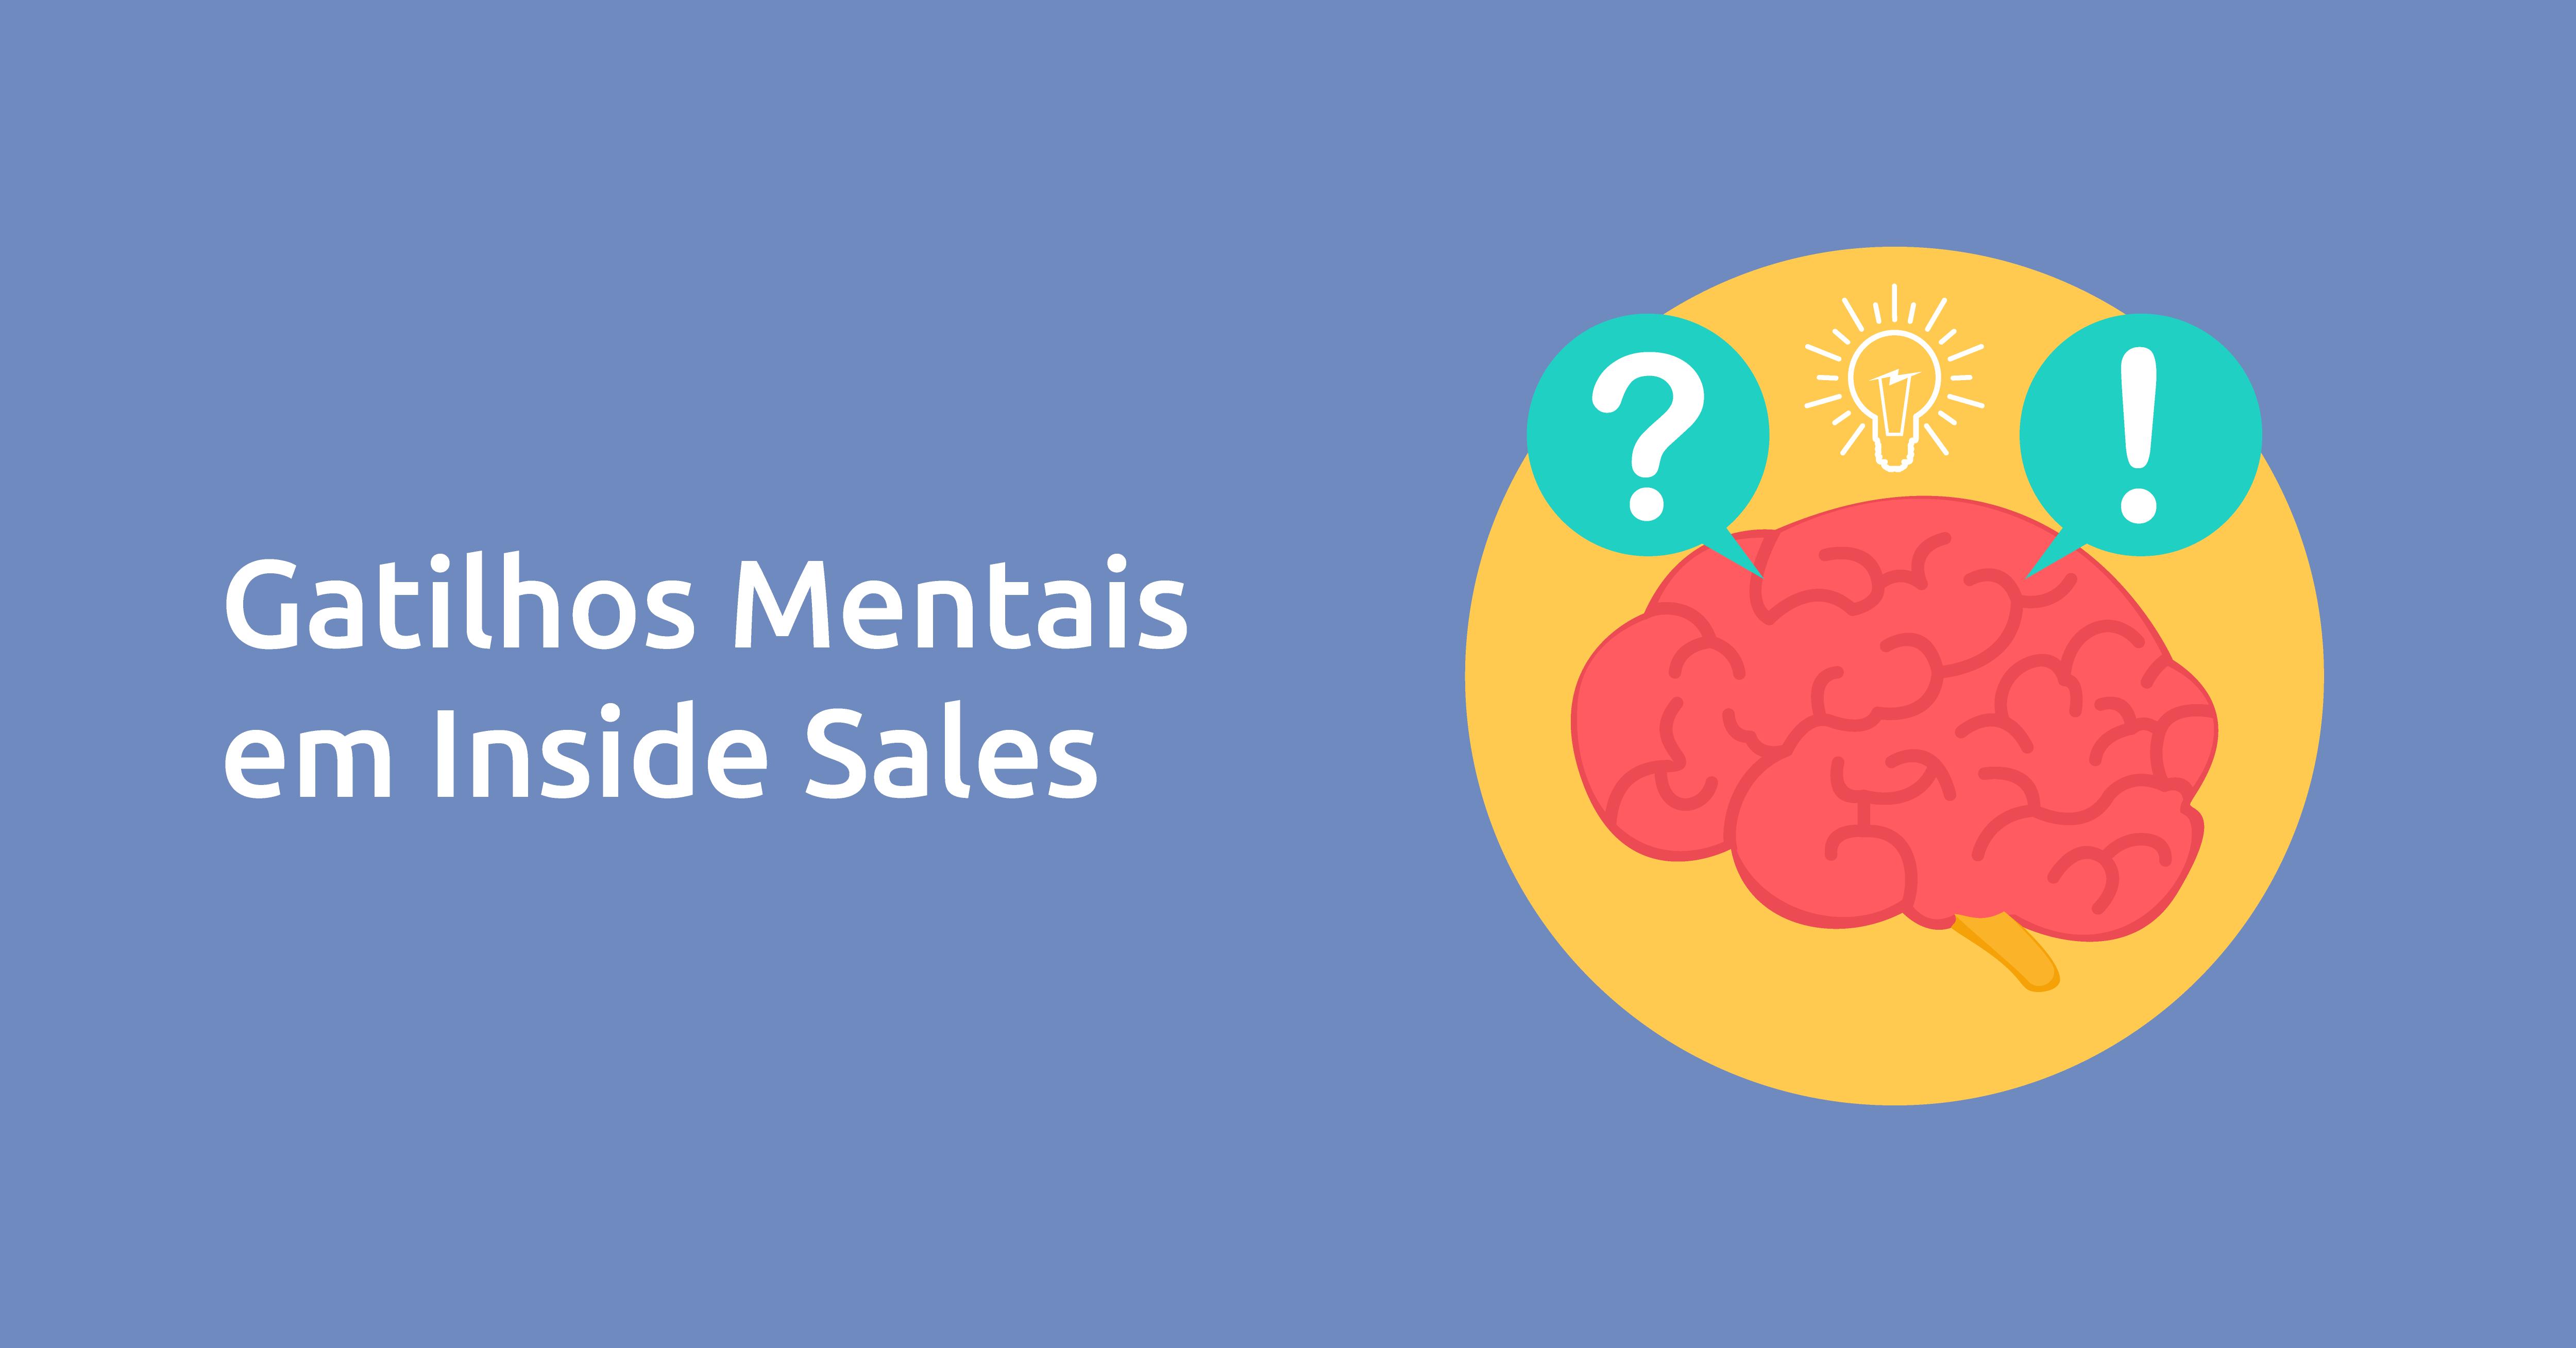 Utilizando gatilhos mentais em Inside Sales